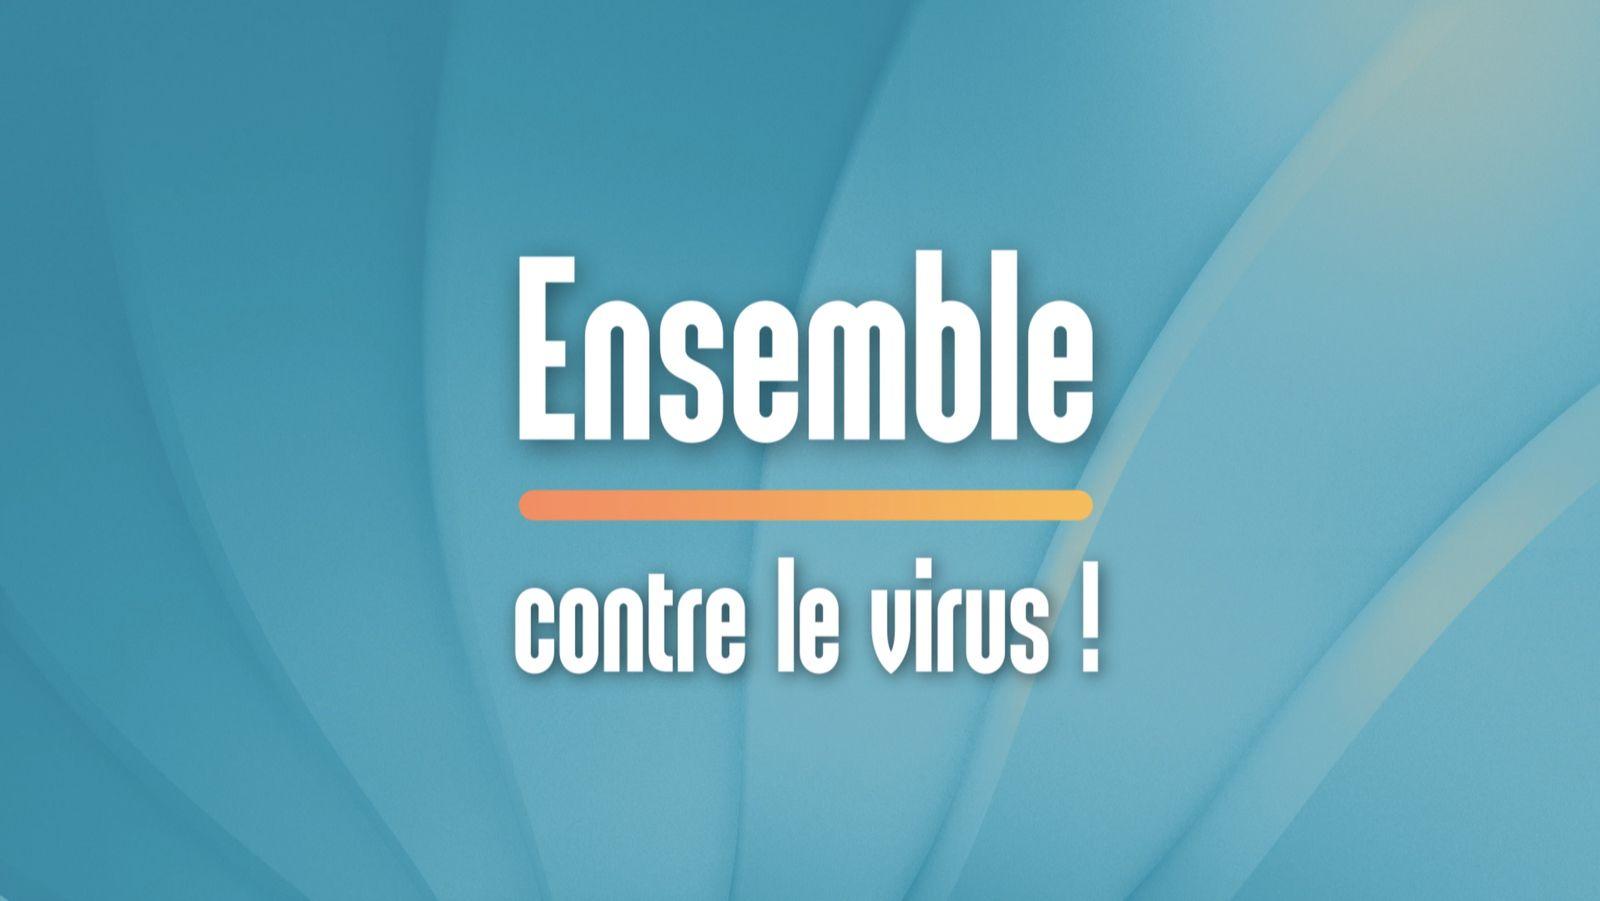 Vendredi 20 mars à 10h20 sur toutes les antennes du réseau France 3